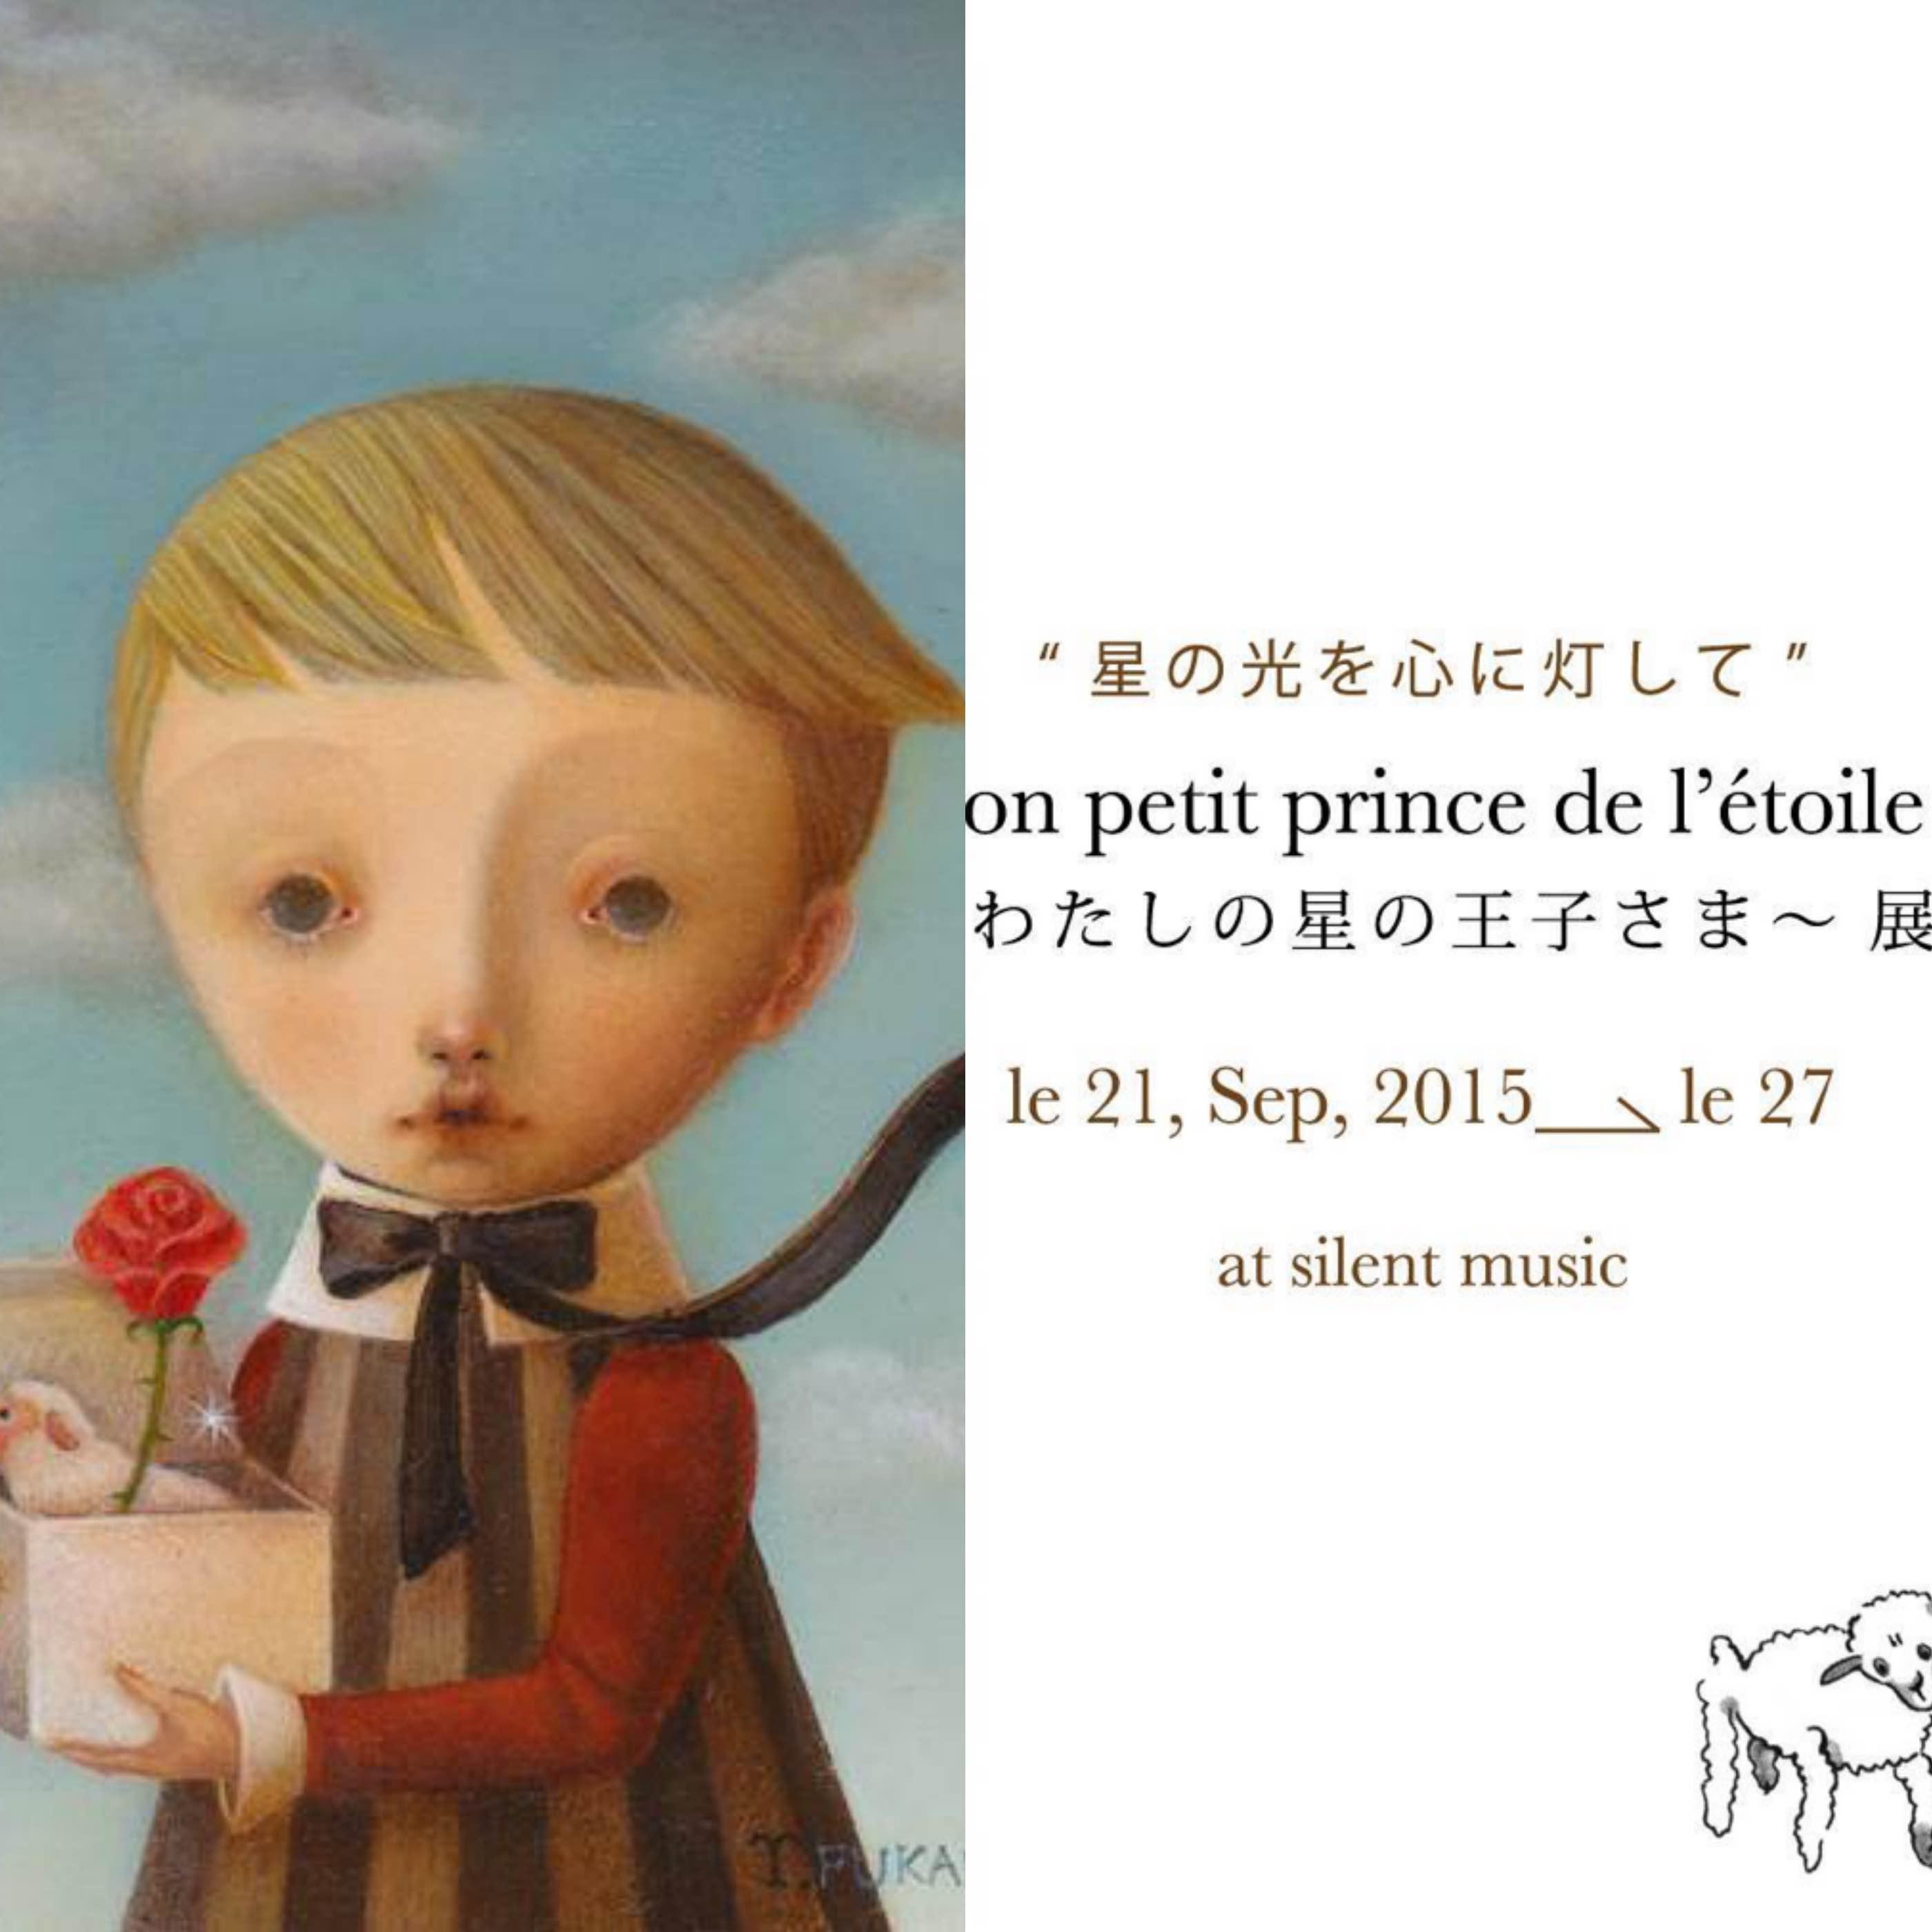 【今週のおすすめアート】~星の光を心に灯して~ Mon petit prince de l̵